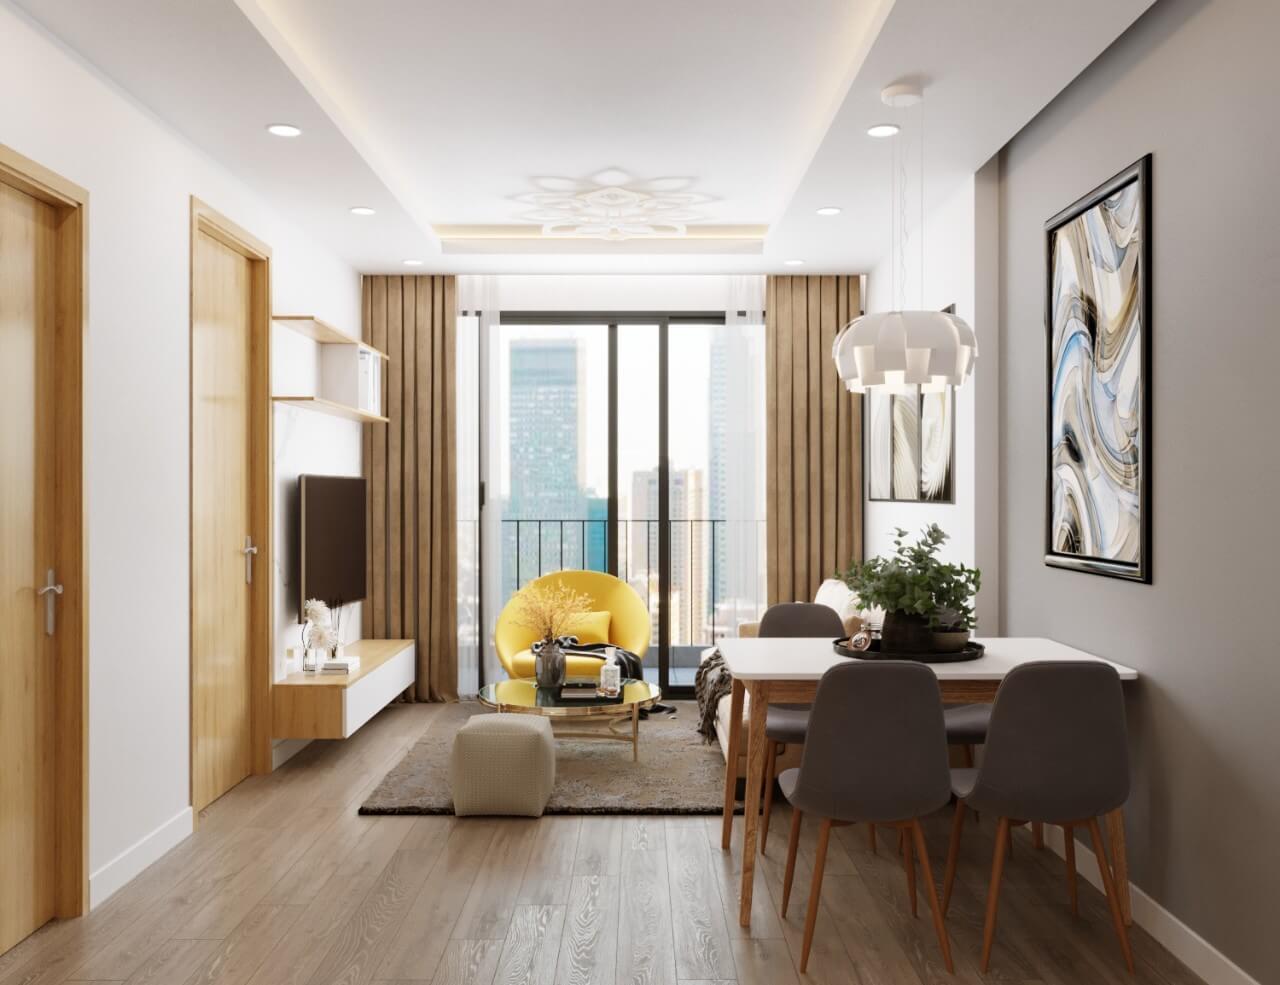 Một số mẫu thiết kế căn hộ chung cư 50m2 đẹp, tiện nghi 5